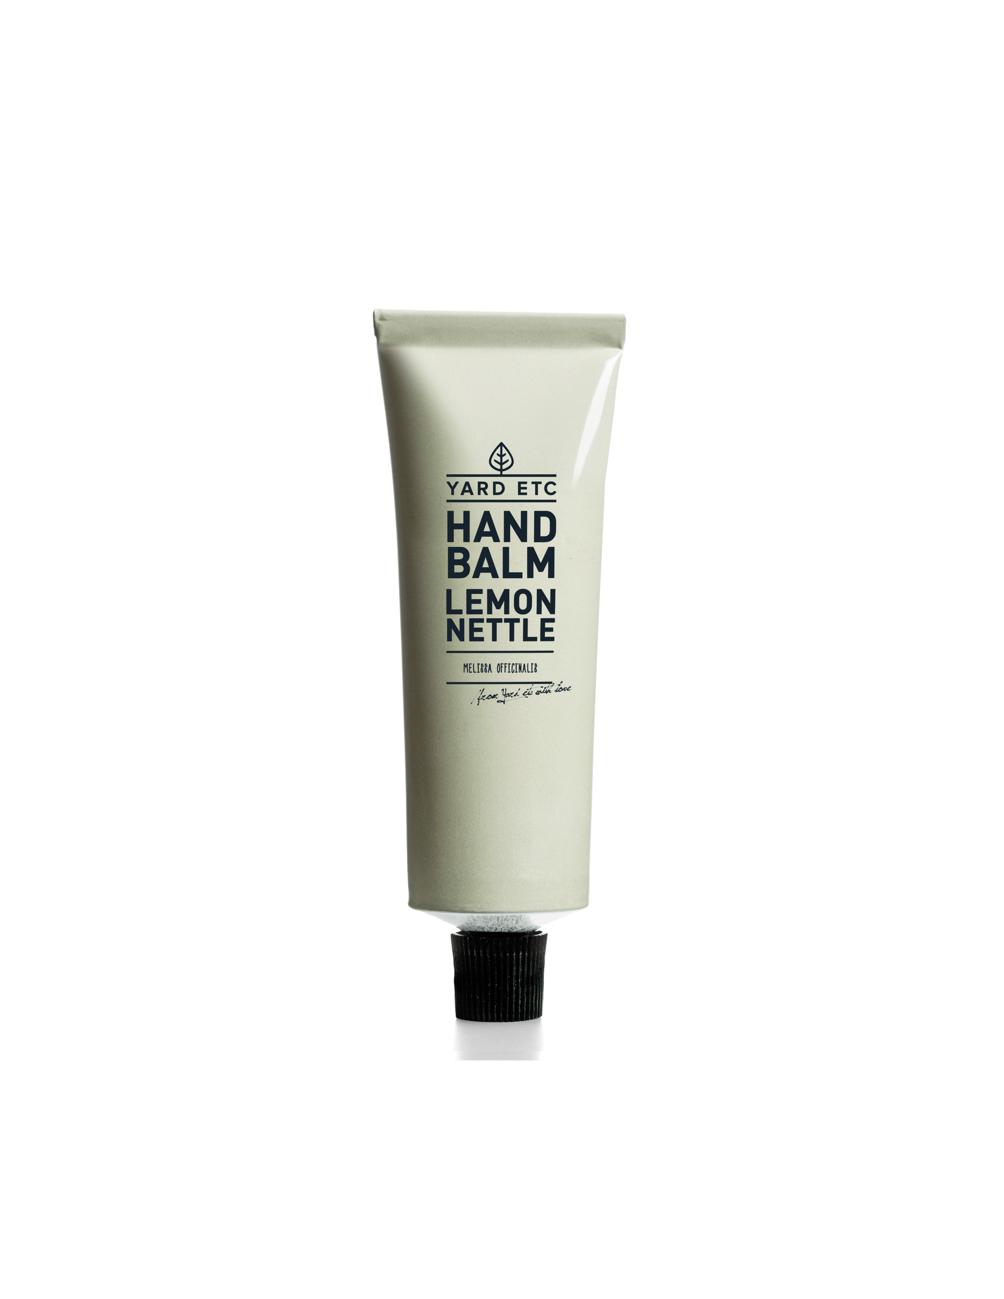 Lemon Nettle Hand Balm